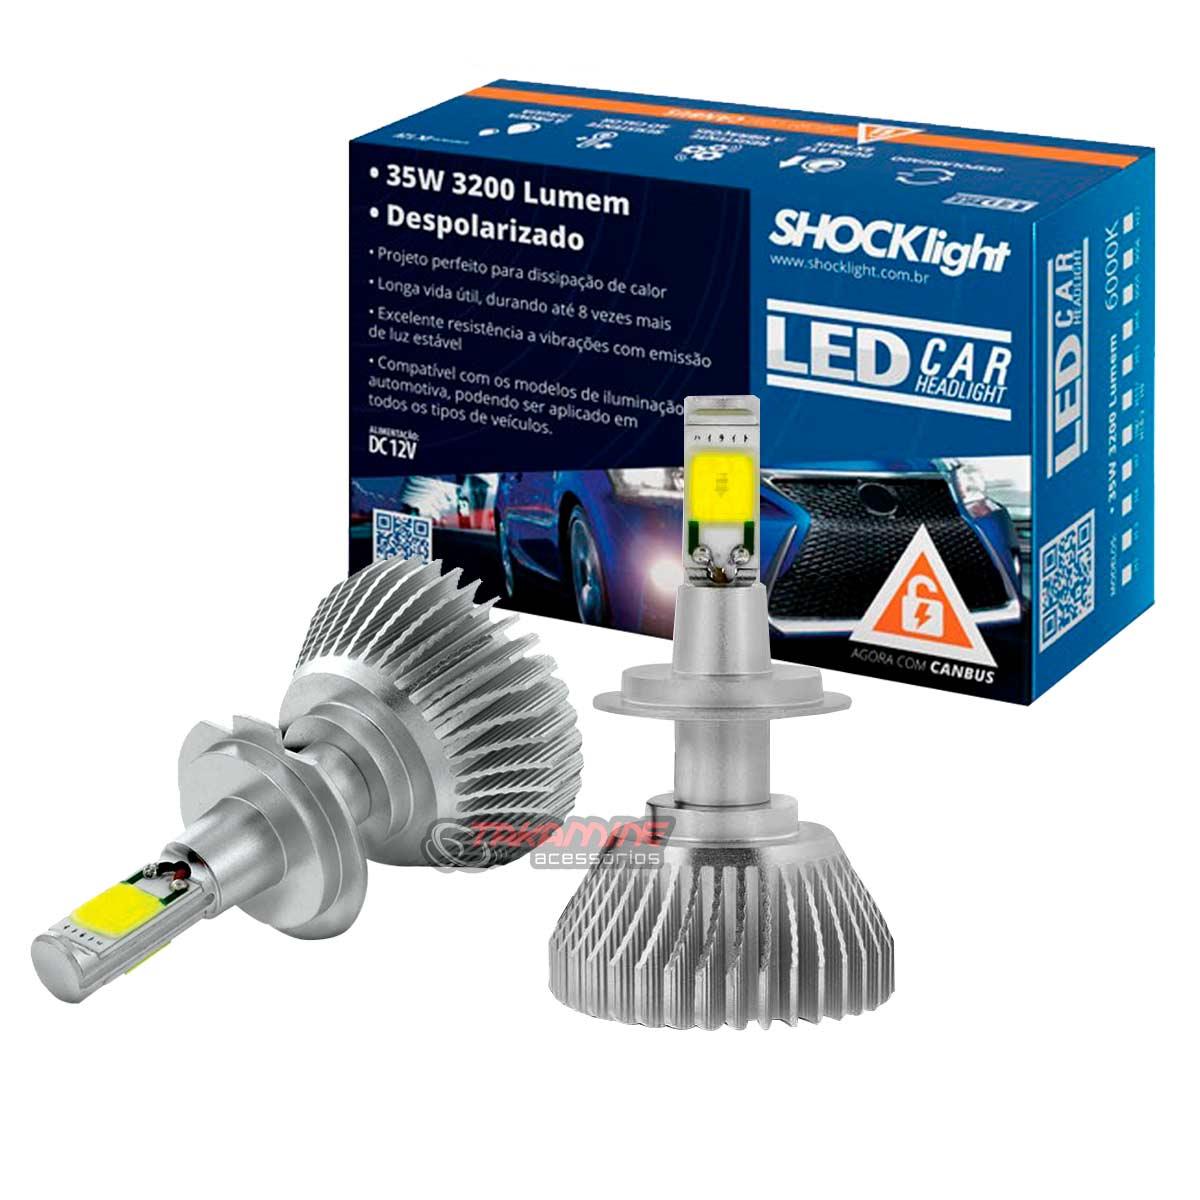 Kit LED Argo 2017 2018 2019 2020 tipo xenon farol baixo H7 35W Headlight